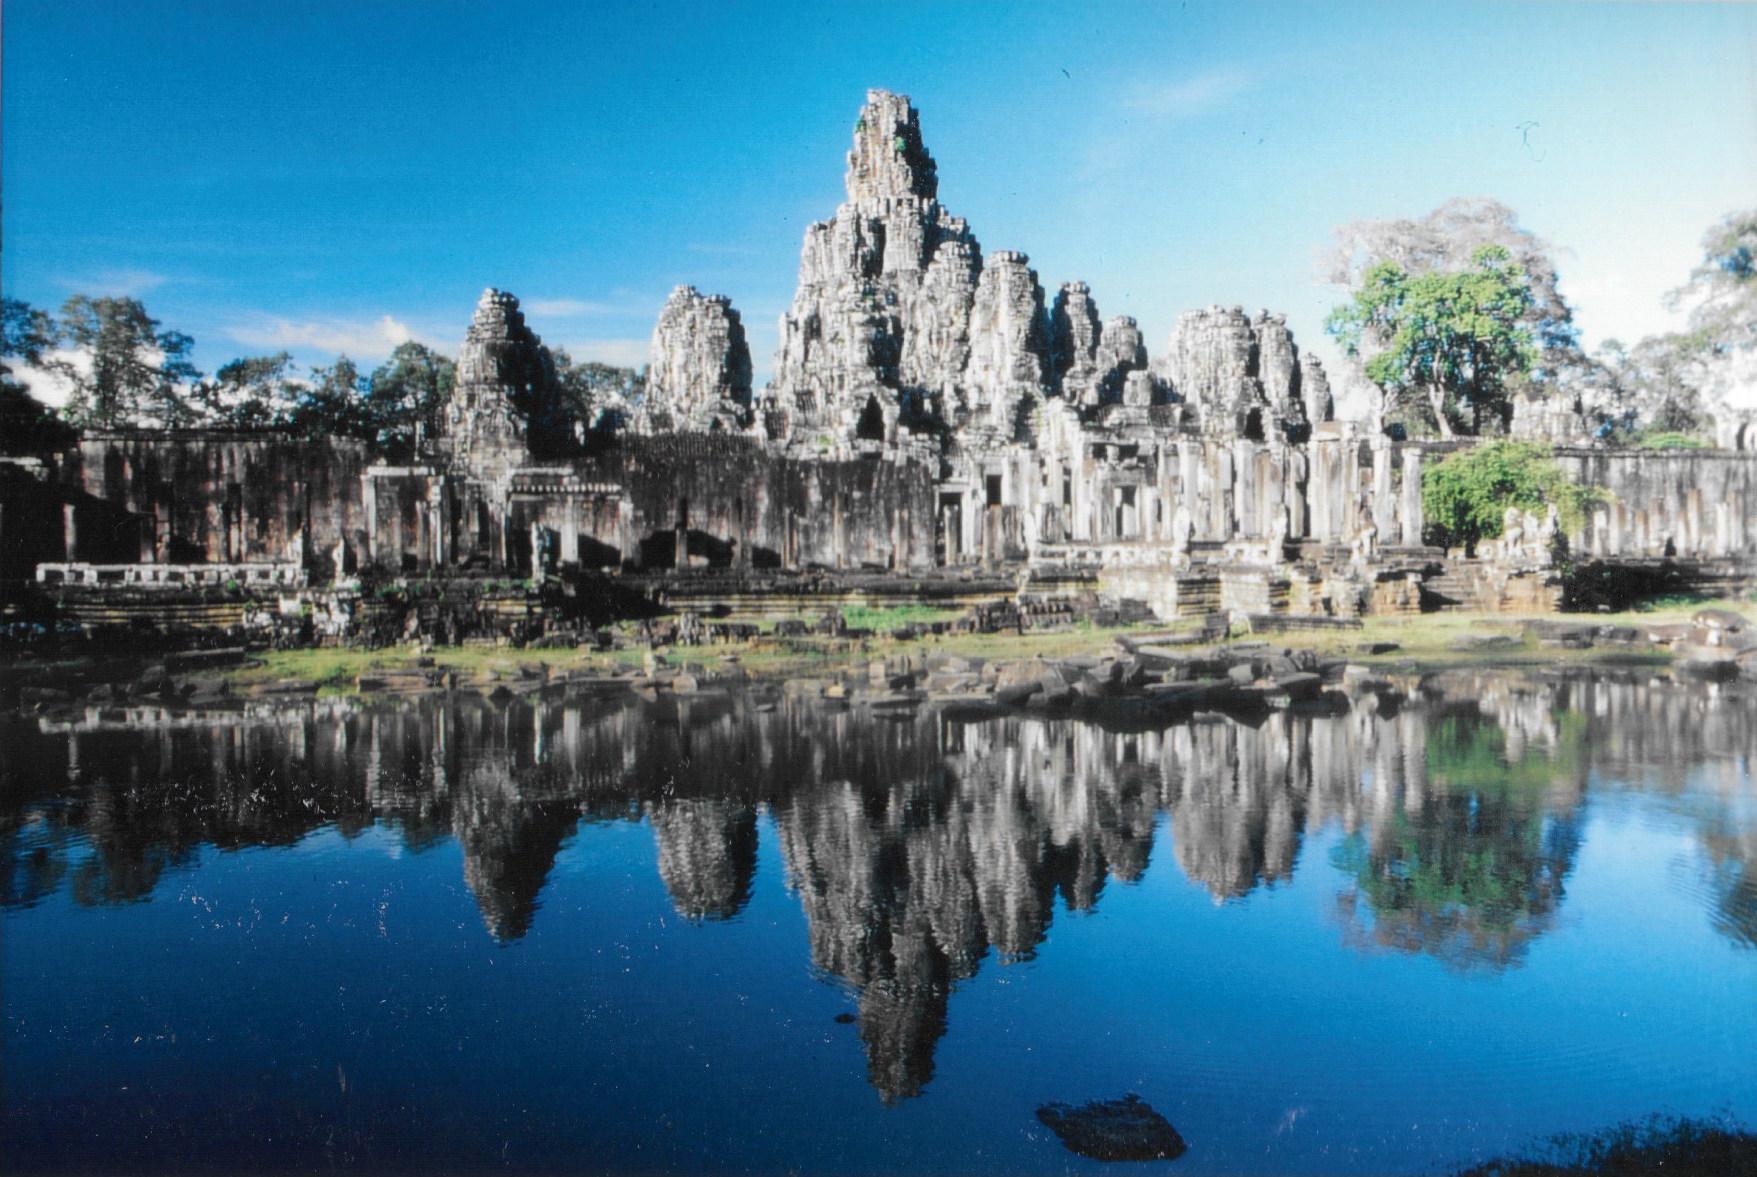 """Le somptueux temple du Bayon se mirant dans les eaux de ses douves. Son nom est dérivé d'une appellation signifiant palais du dieu Indra. Dû à Jayavarman VII, pour un culte bouddhique shivaite, il est daté de la toute fin du XIIe siècle et du début du XIIIe. On écrit Bayon, mais on prononce Bayonne, comme la ville française du Pays basque. Il est situé au centre géographique de l'immense enceinte d'Angkor Thom. Le temple est entouré d'une muraille dont les tours affichent quatre visages apparemment sereins, sinon mystérieusement indifférents. Des """"Mona Lisa"""" asiatiques de pierre en quelque sorte...."""